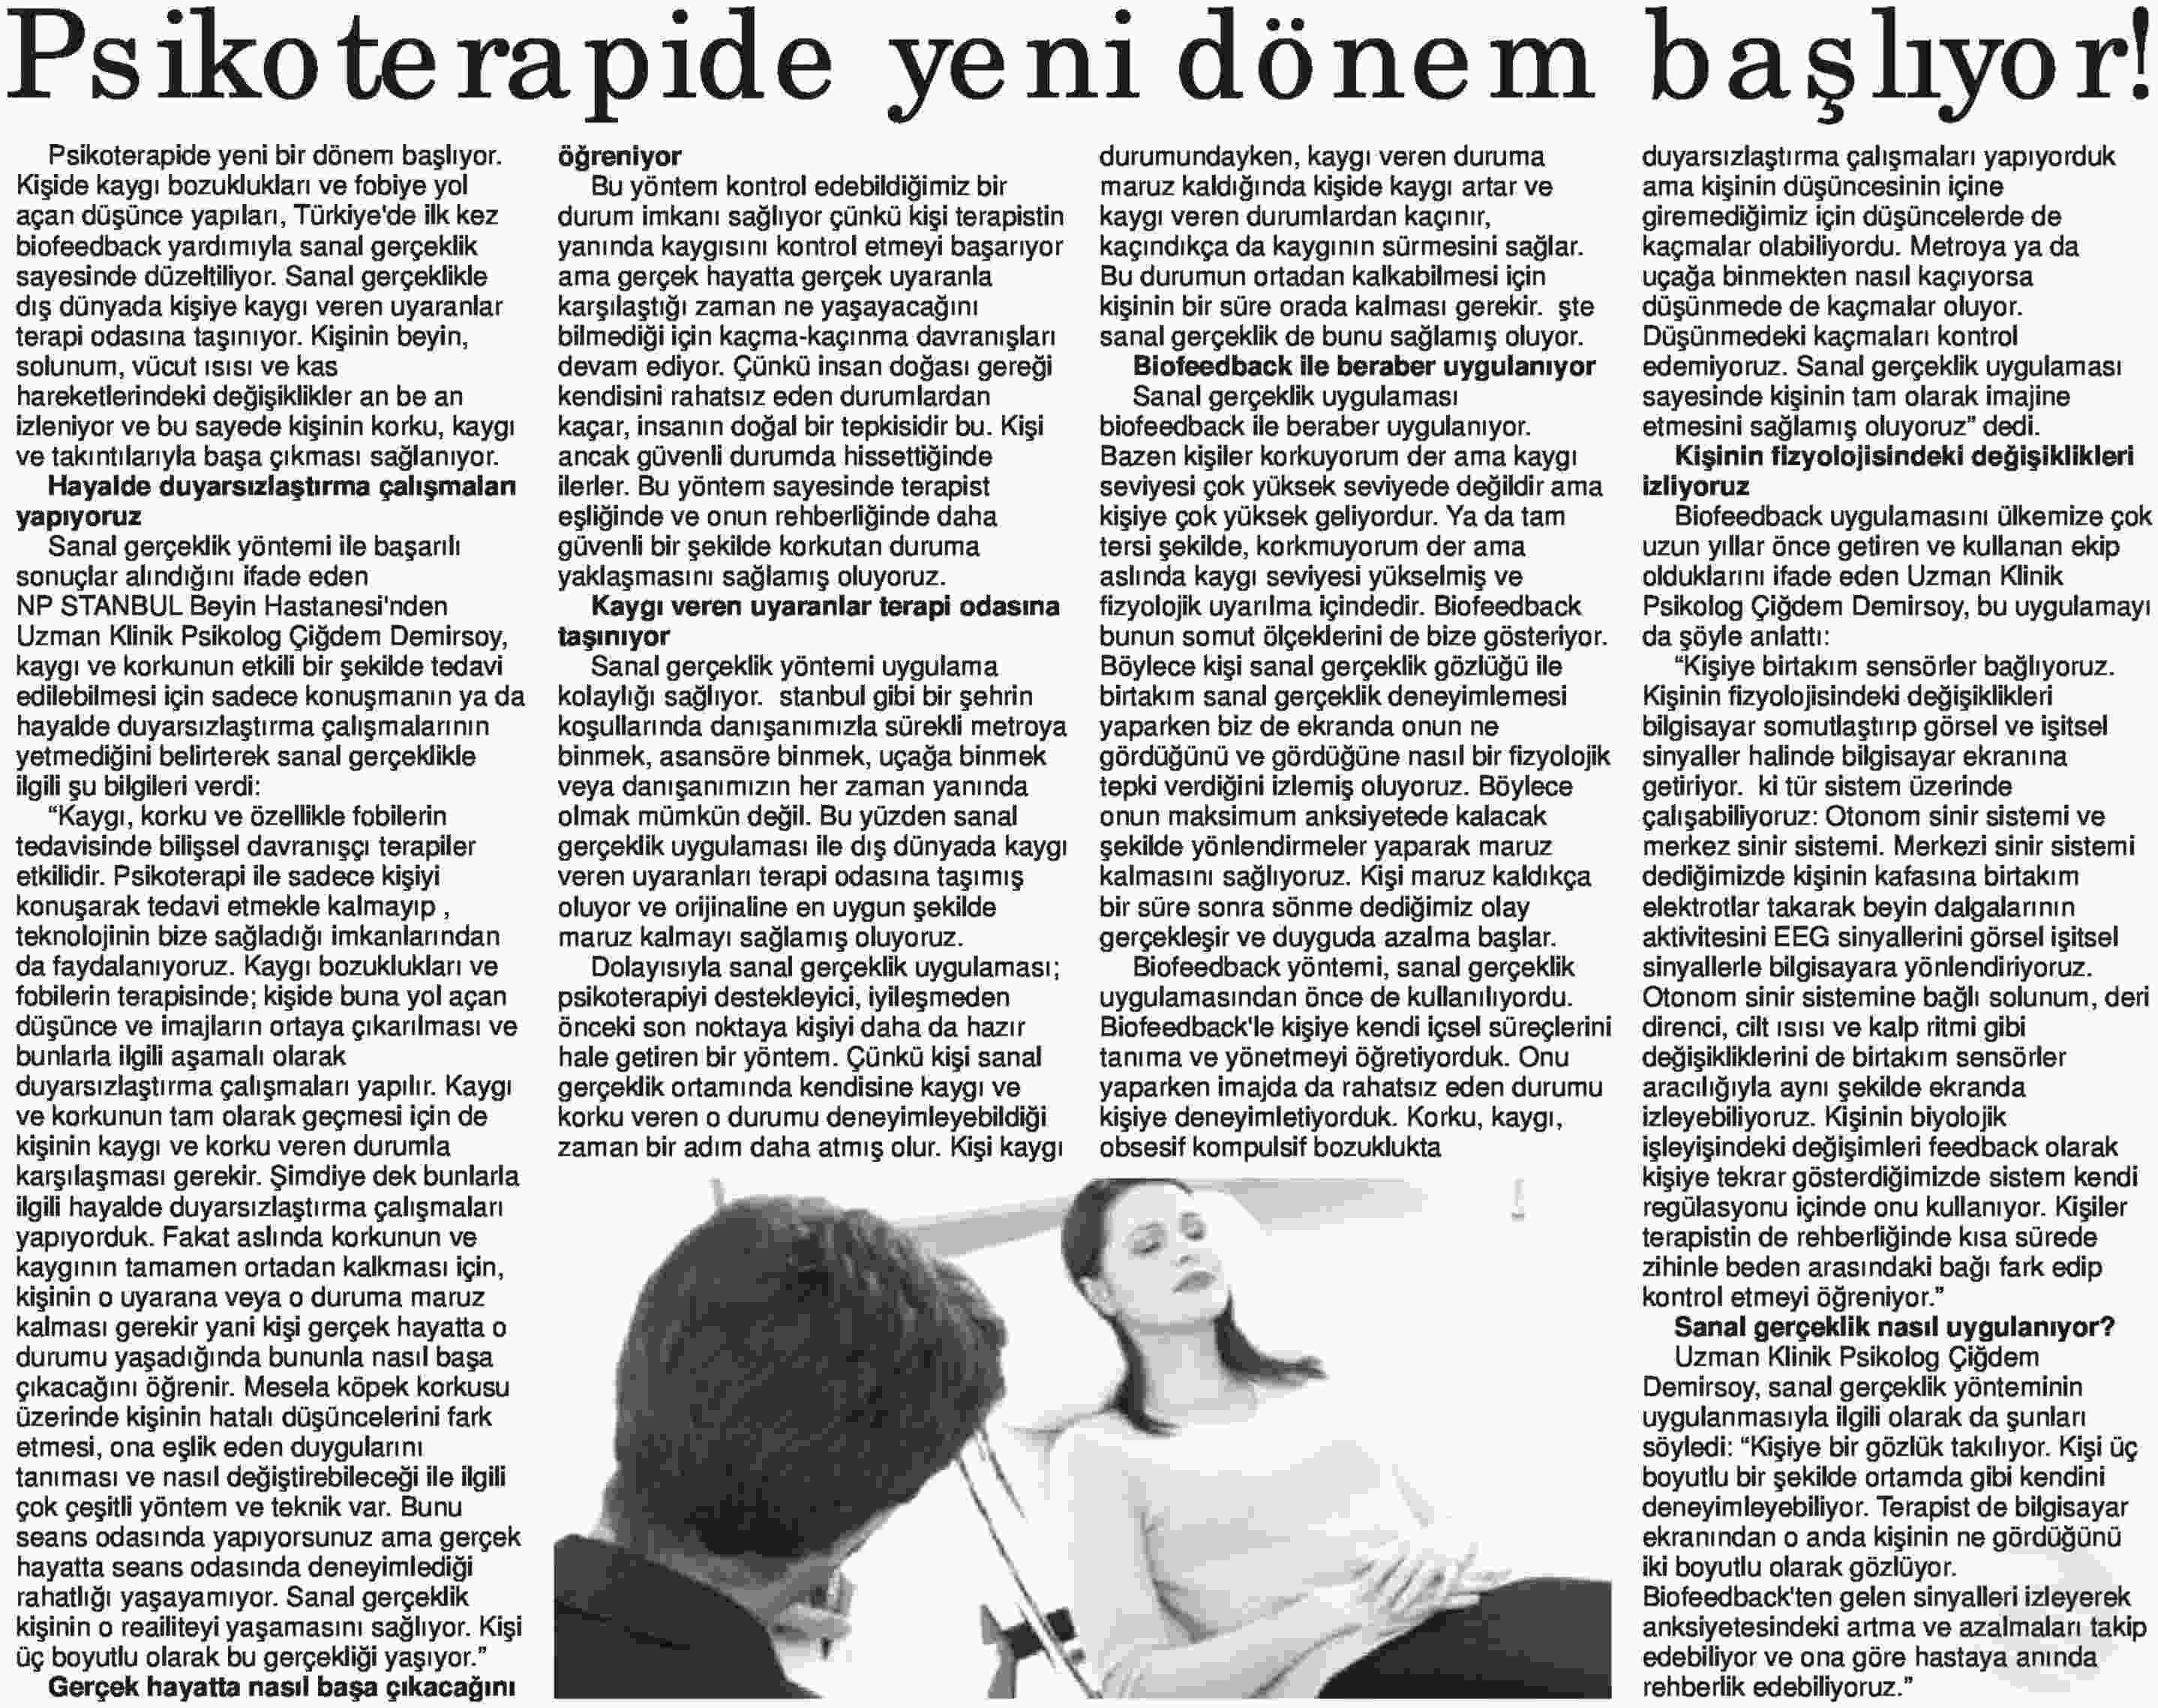 PSİKOTERAPİDE YENİ DÖNEM BAŞLIYOR!